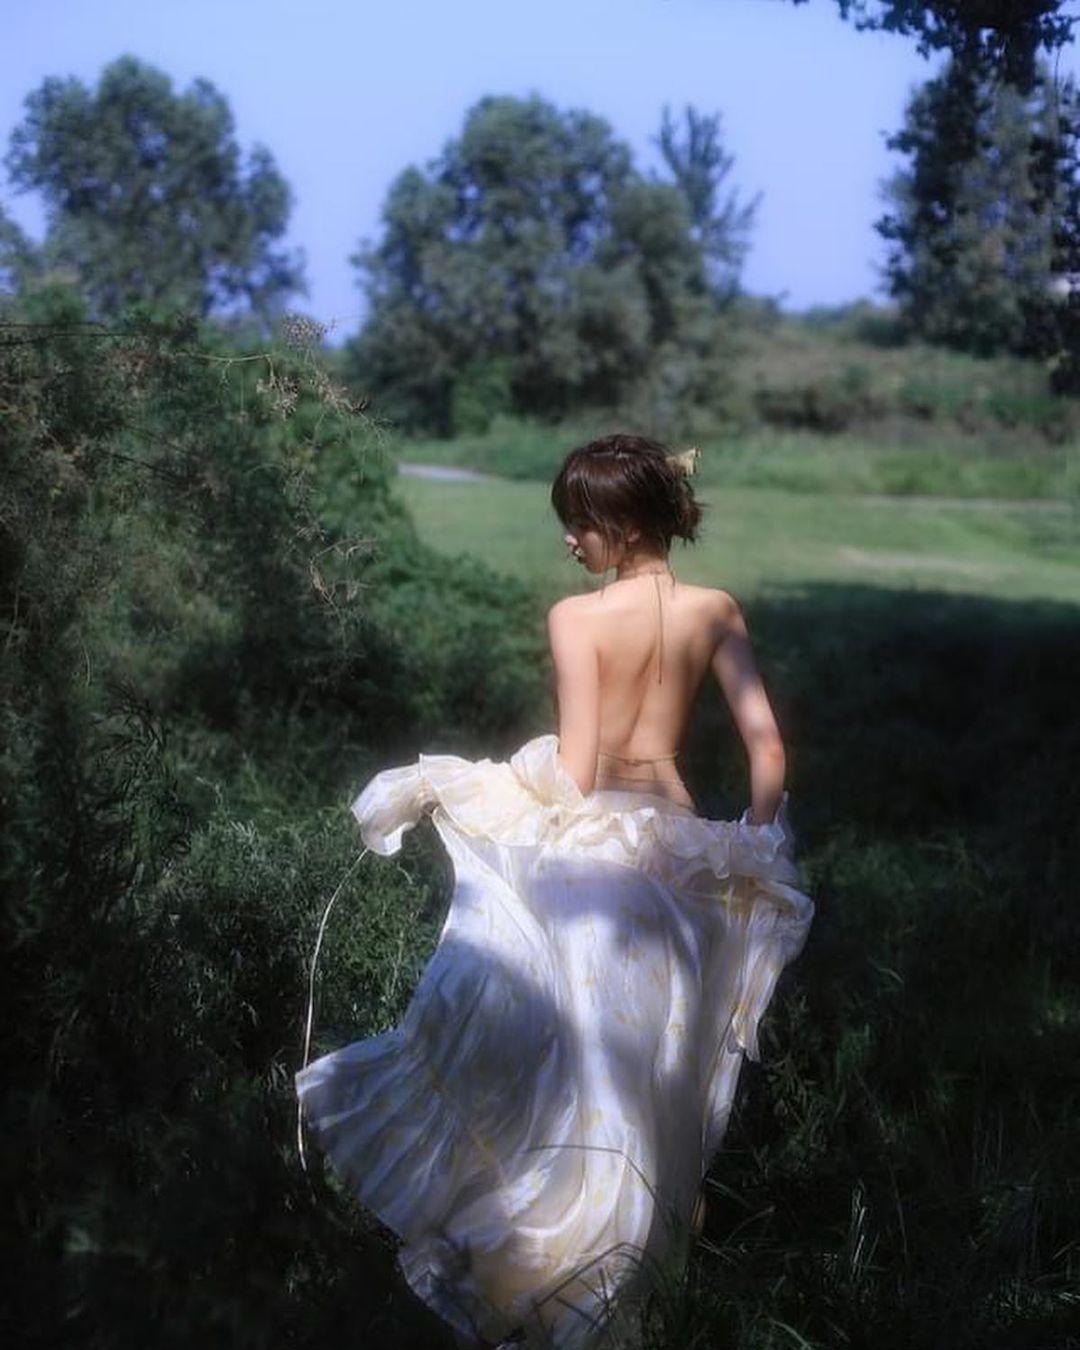 Người mẫu Chiết Giang buông áo bên hồ đẹp như tranh - 2